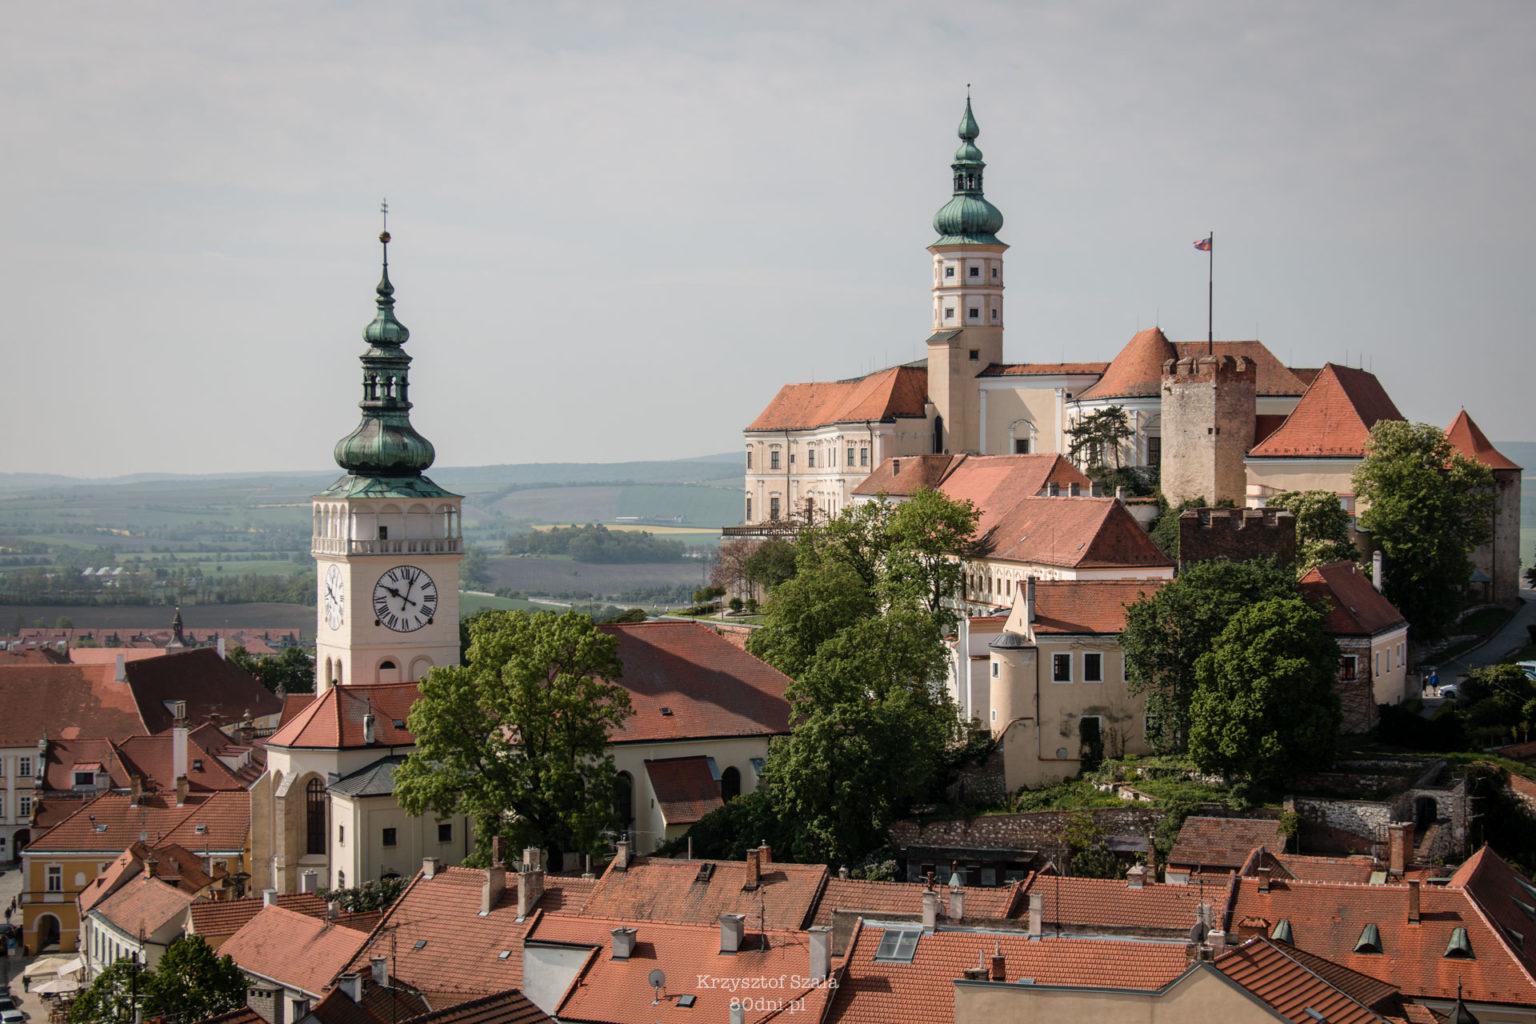 Widok z Koziego Hradku na kościół św. Wacława i Zamek w Mikulovie.